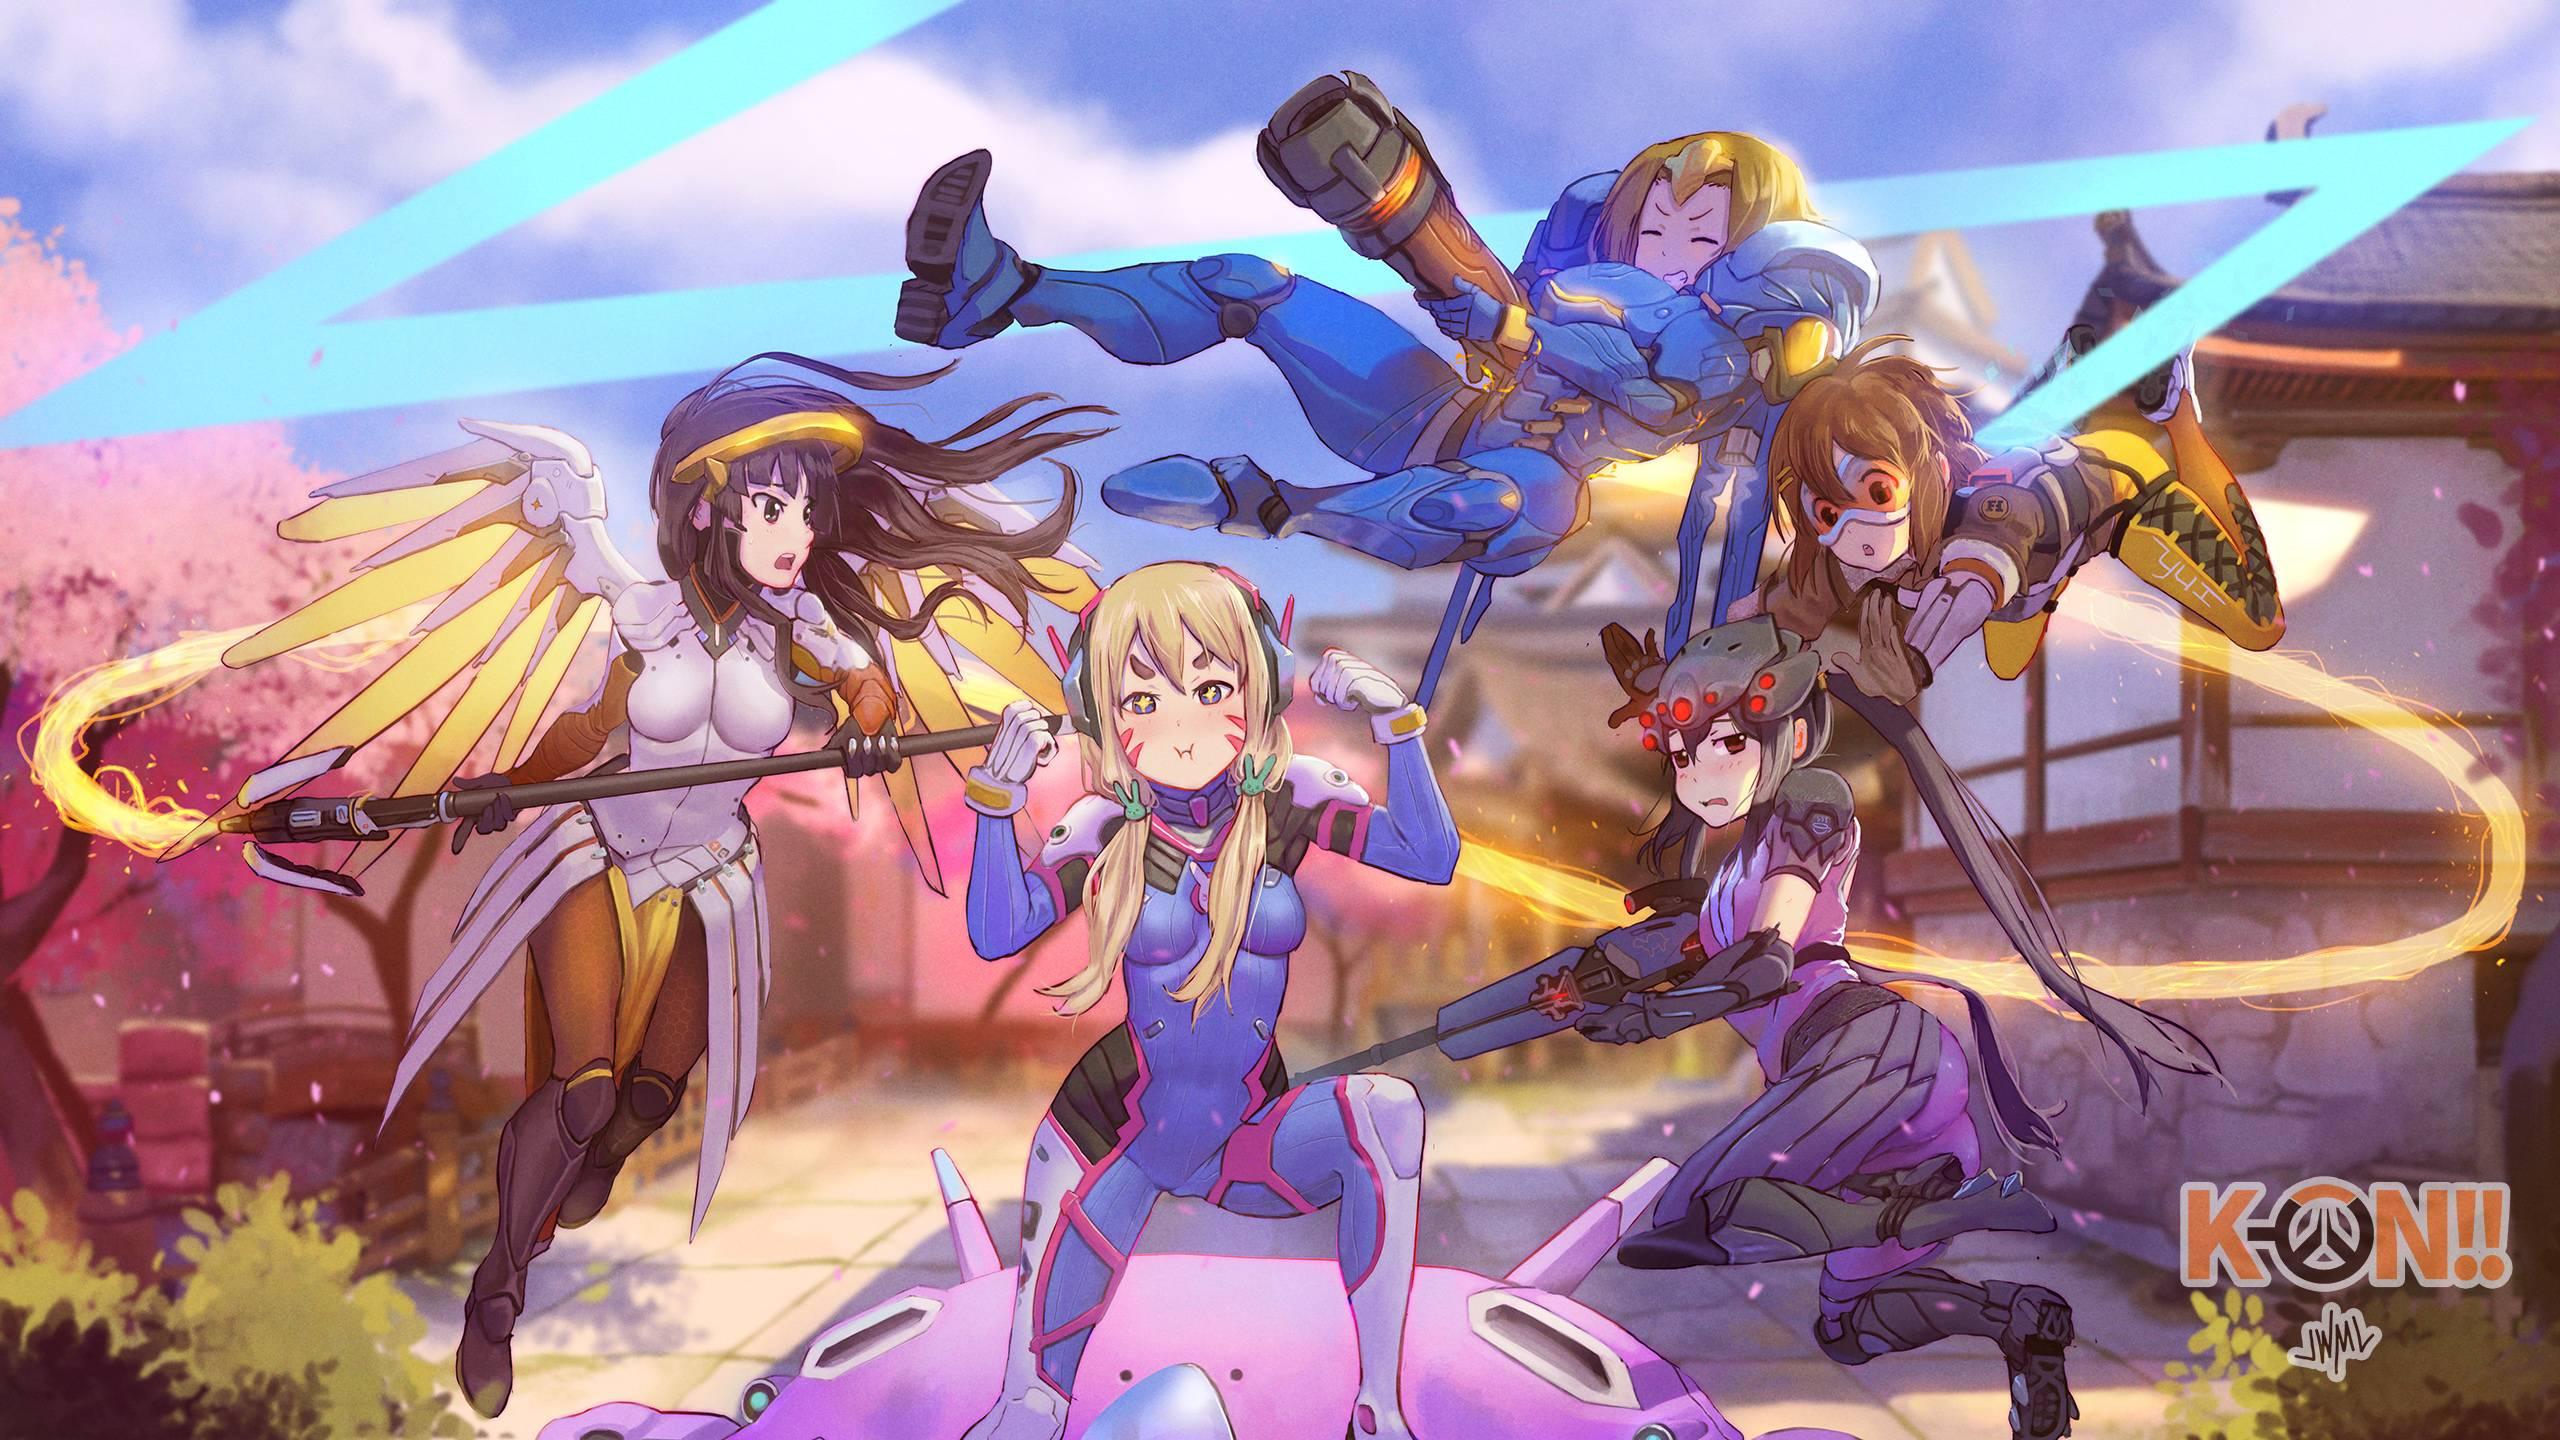 Yf yui hirasawa anime purple fictional character